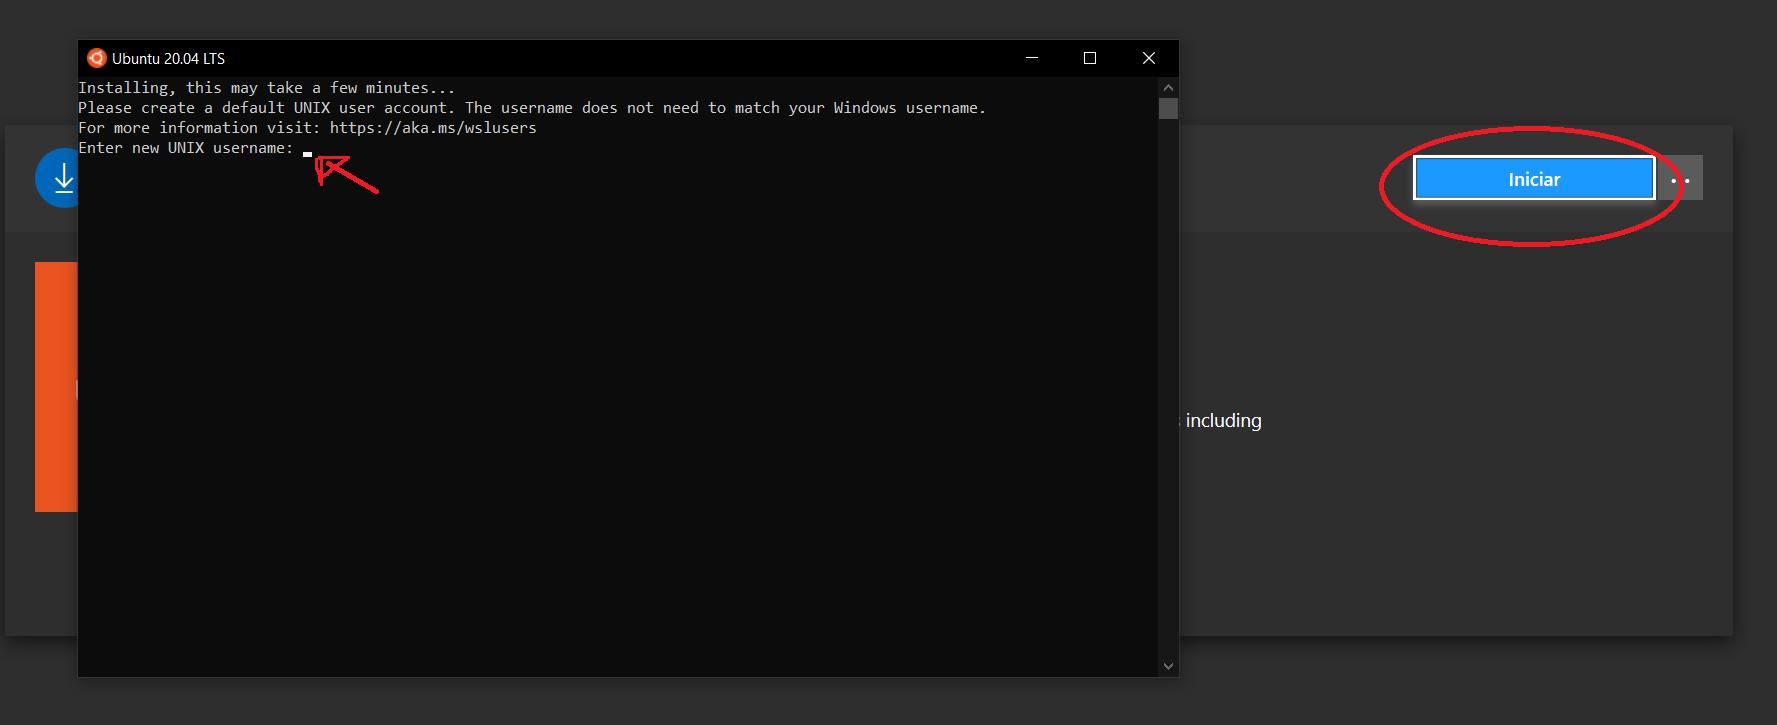 iniciando-ubuntu-store